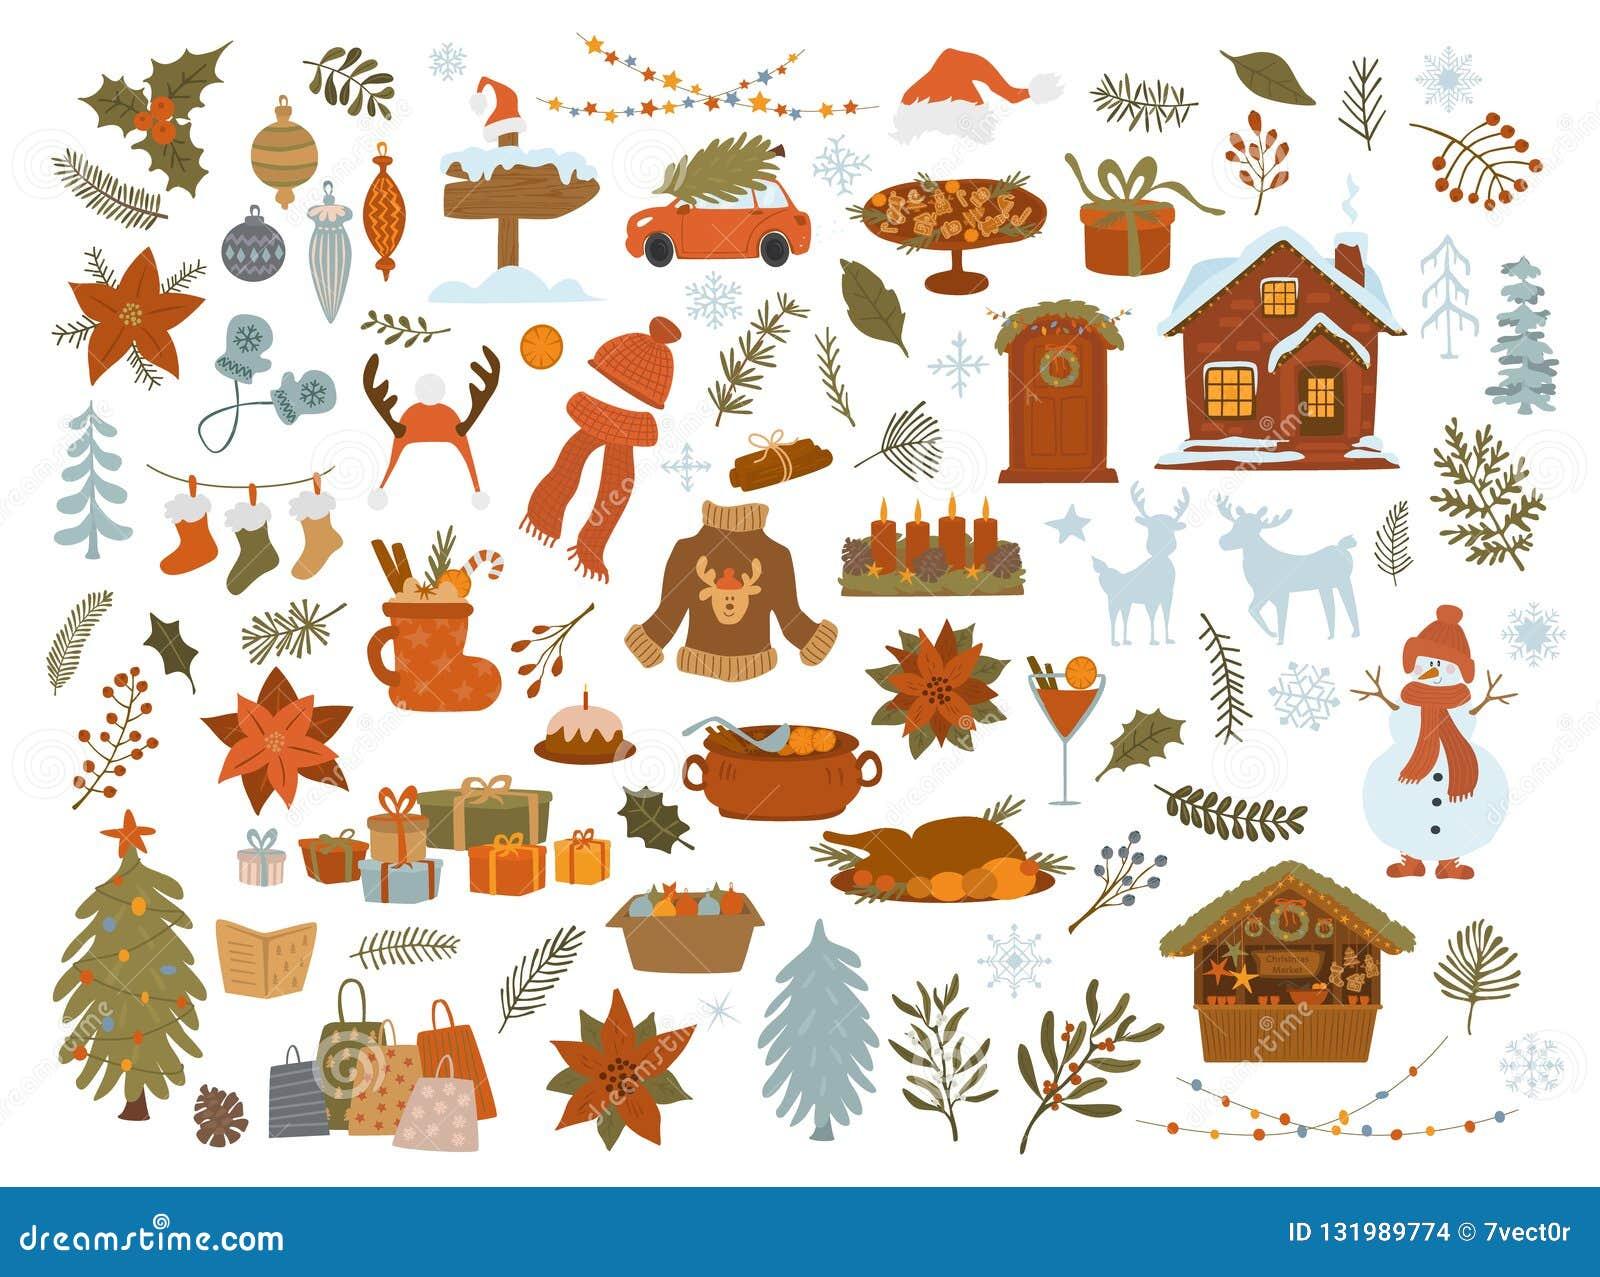 Julobjektobjekt uppsättning, xmas-träd, ljusgåvor, hus, bil, garnering, lövverk isolerat vektorillustrationdiagram